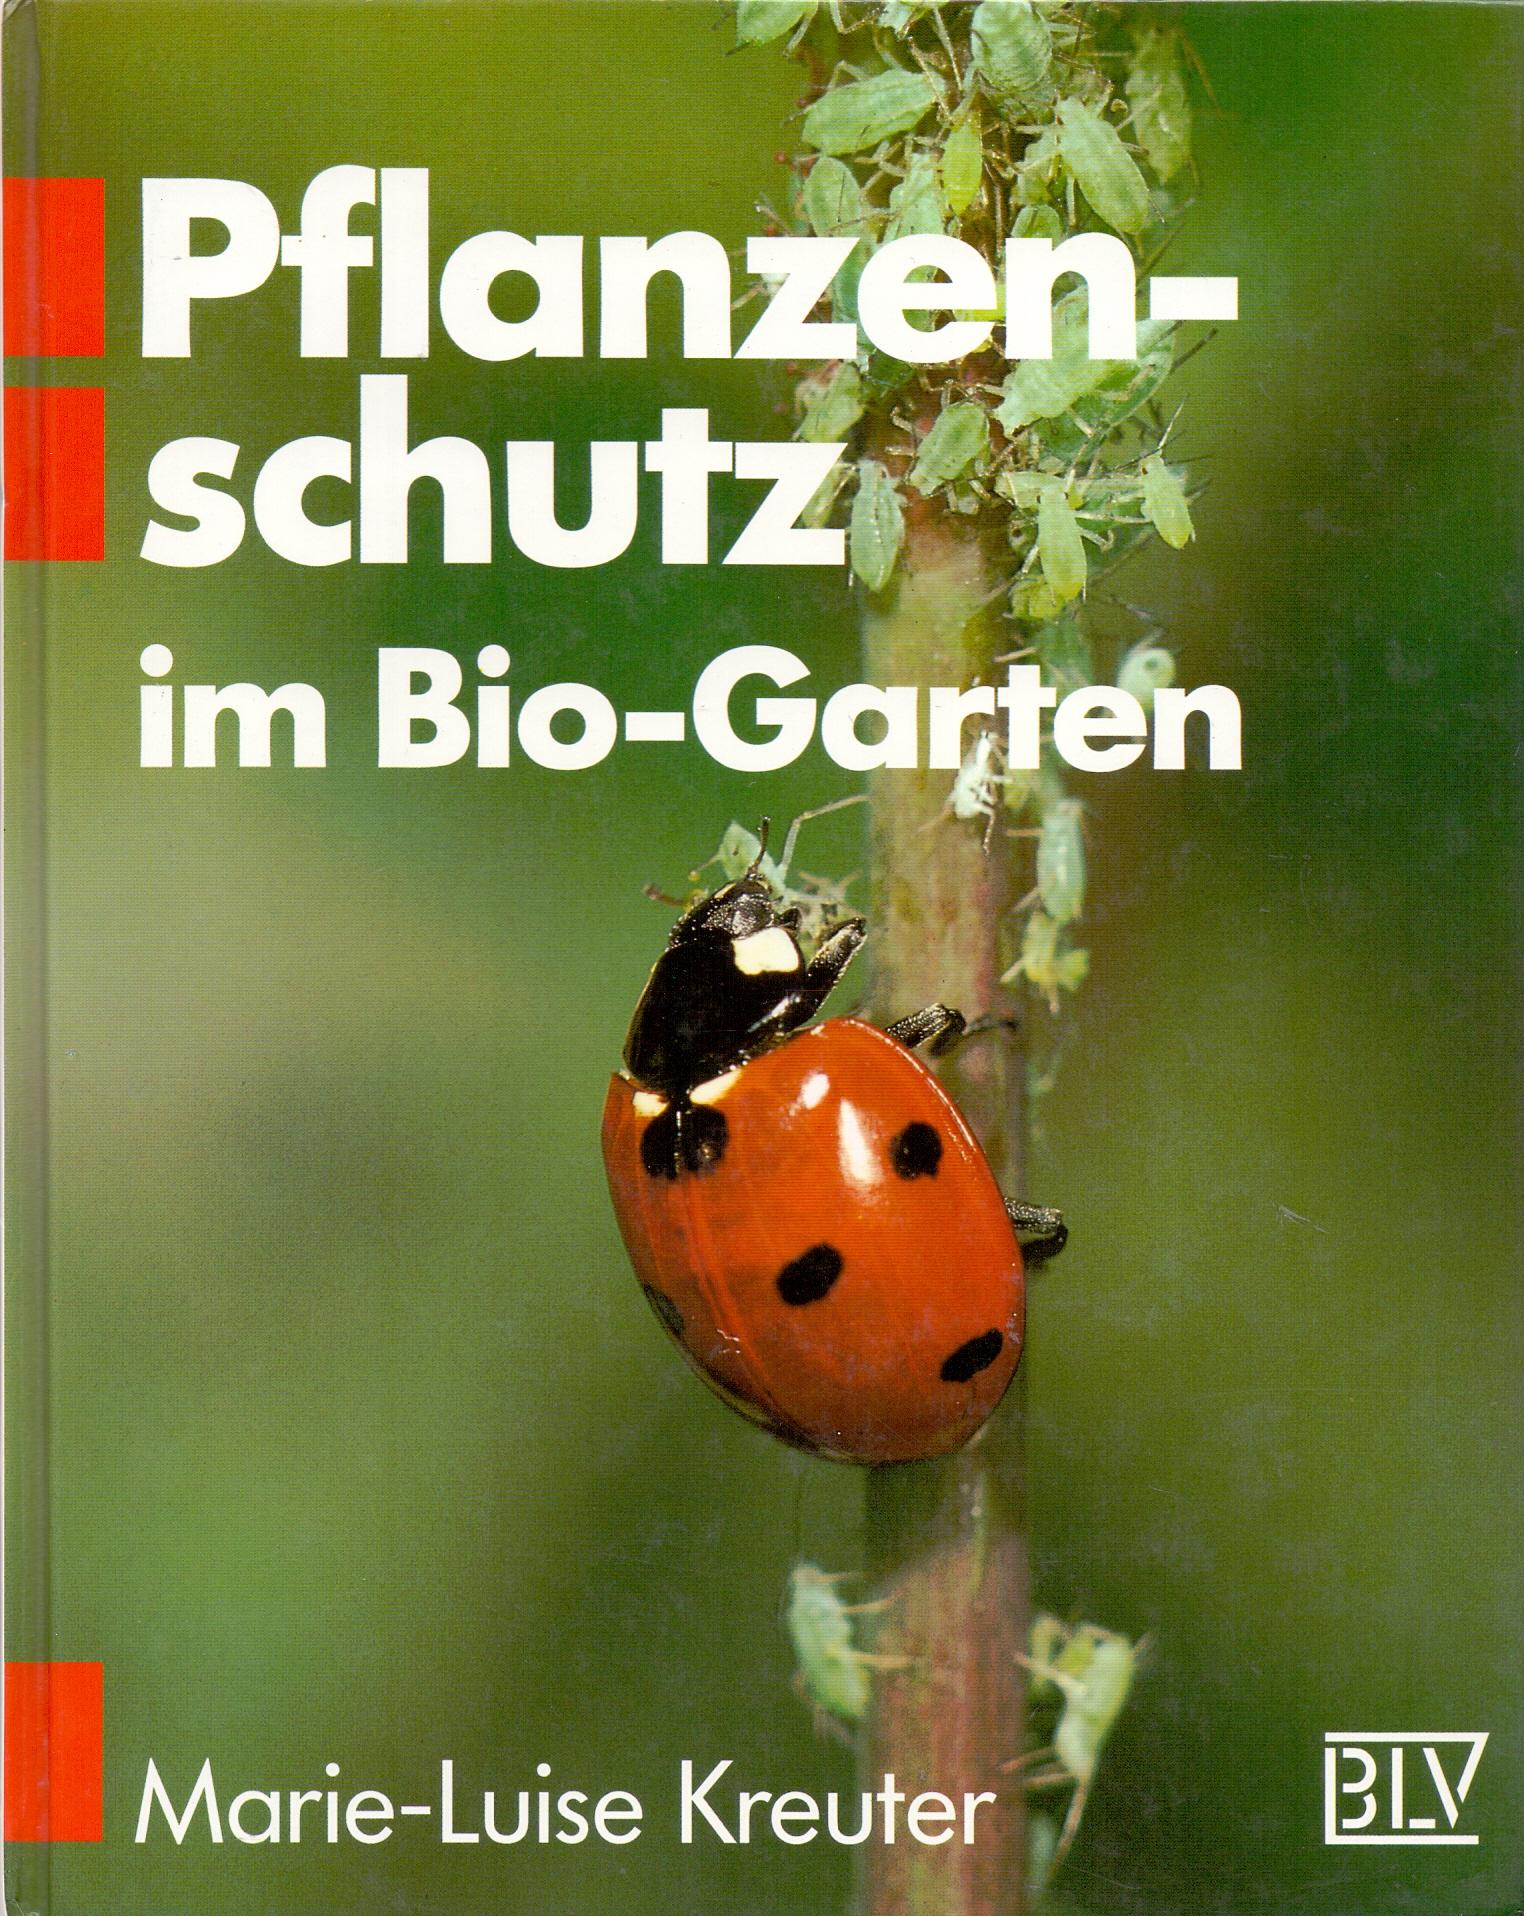 Pflanzenschutz im Bio- Garten - Marie-Luise Kreuter [Gebundene Ausgabe, 2. Auflage 1991]